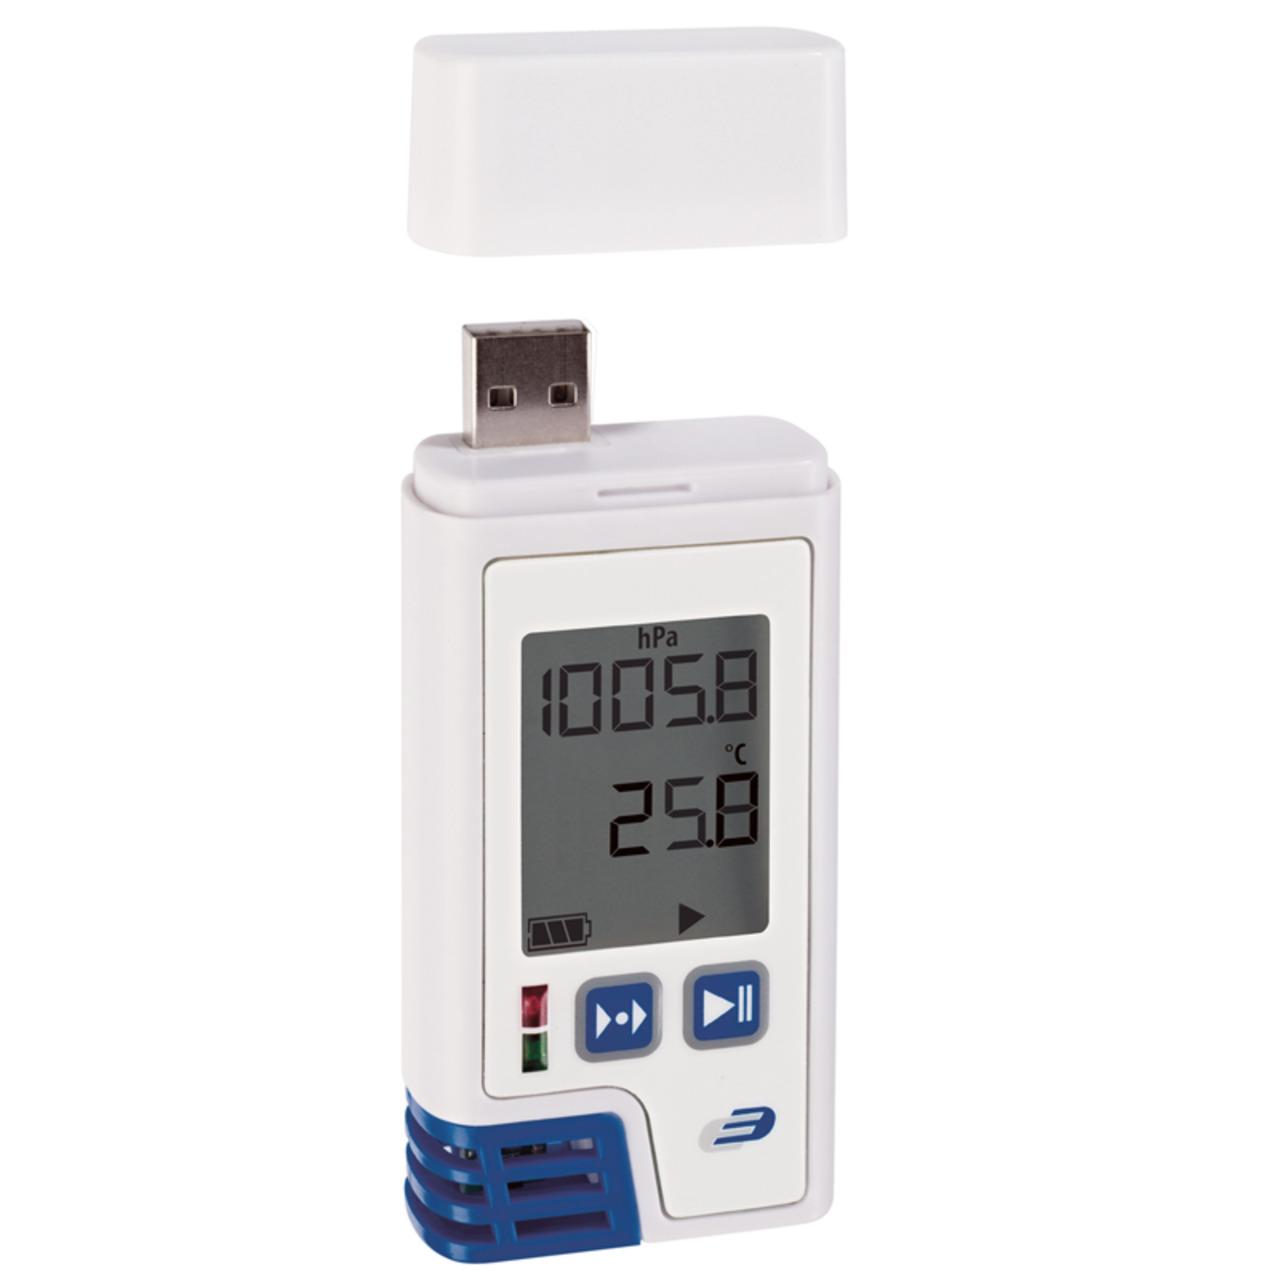 Dostmann electronic  USB-Datenlogger LOG220 für Temperatur- Feuchte und Druck